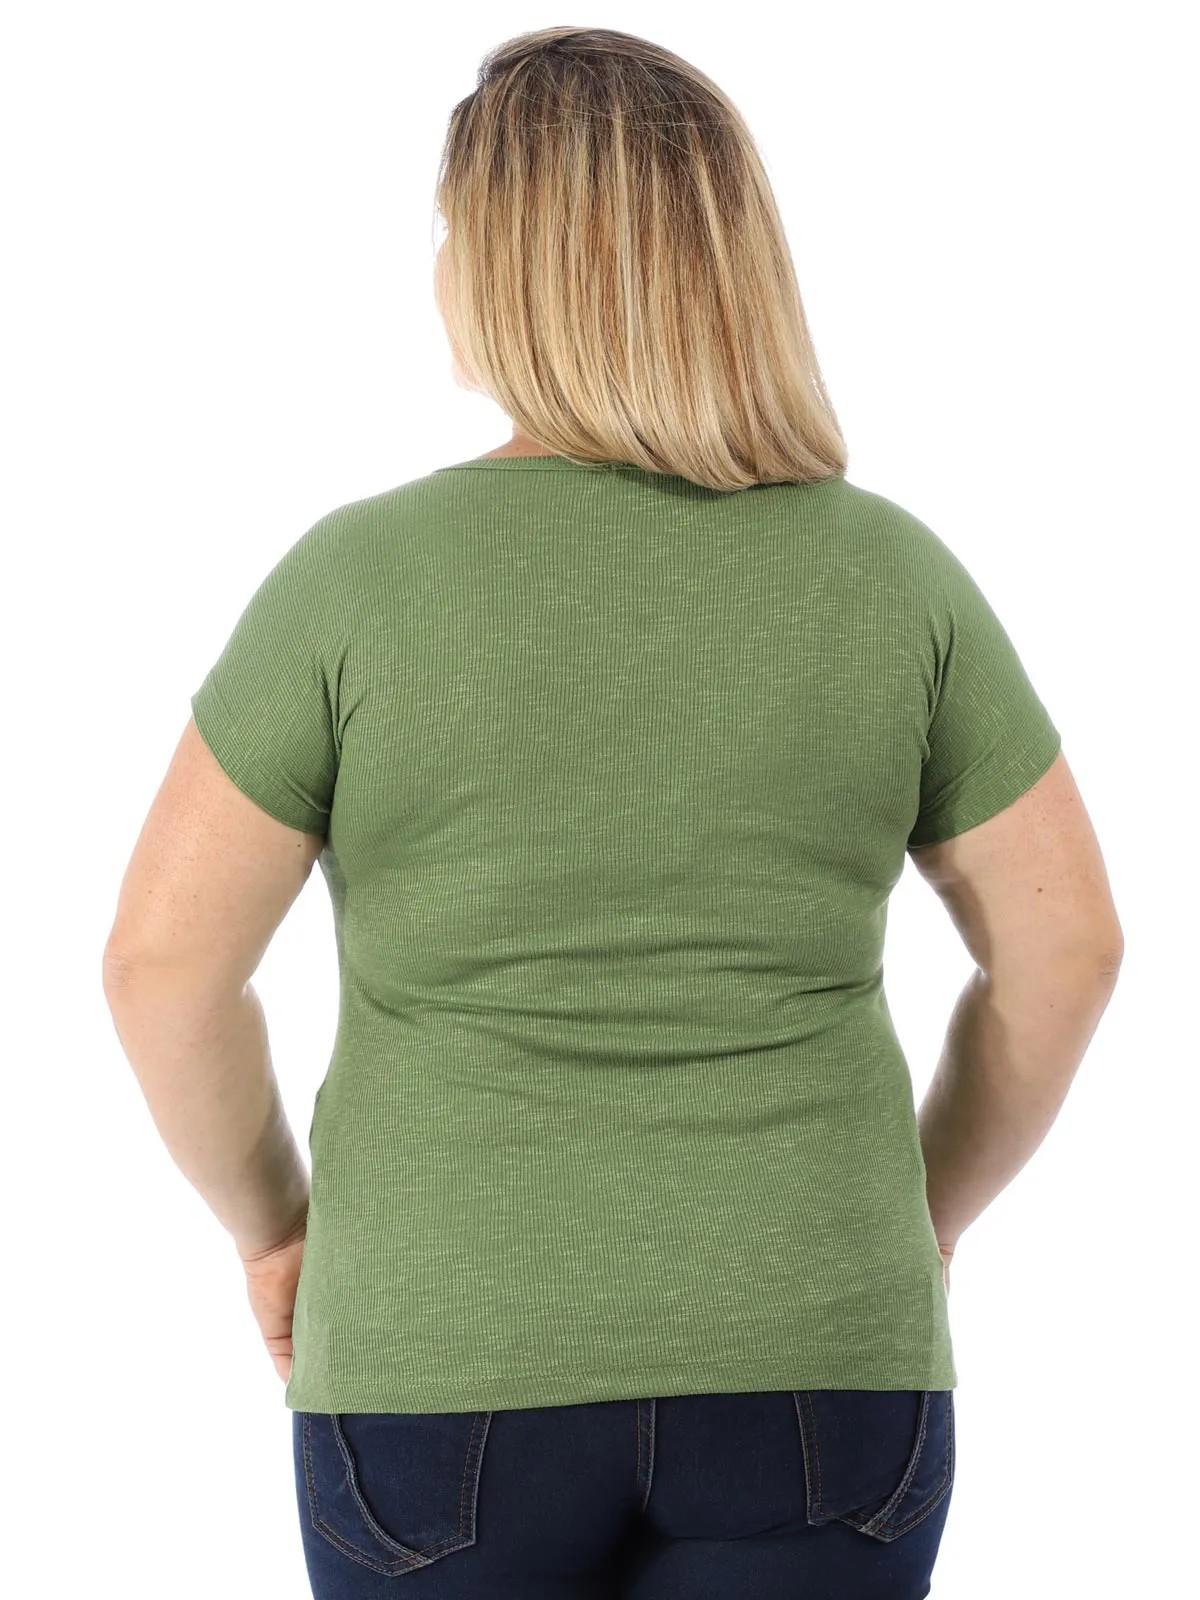 Blusa Plus Size Feminina Decote Canoa Canelada Anistia Verde